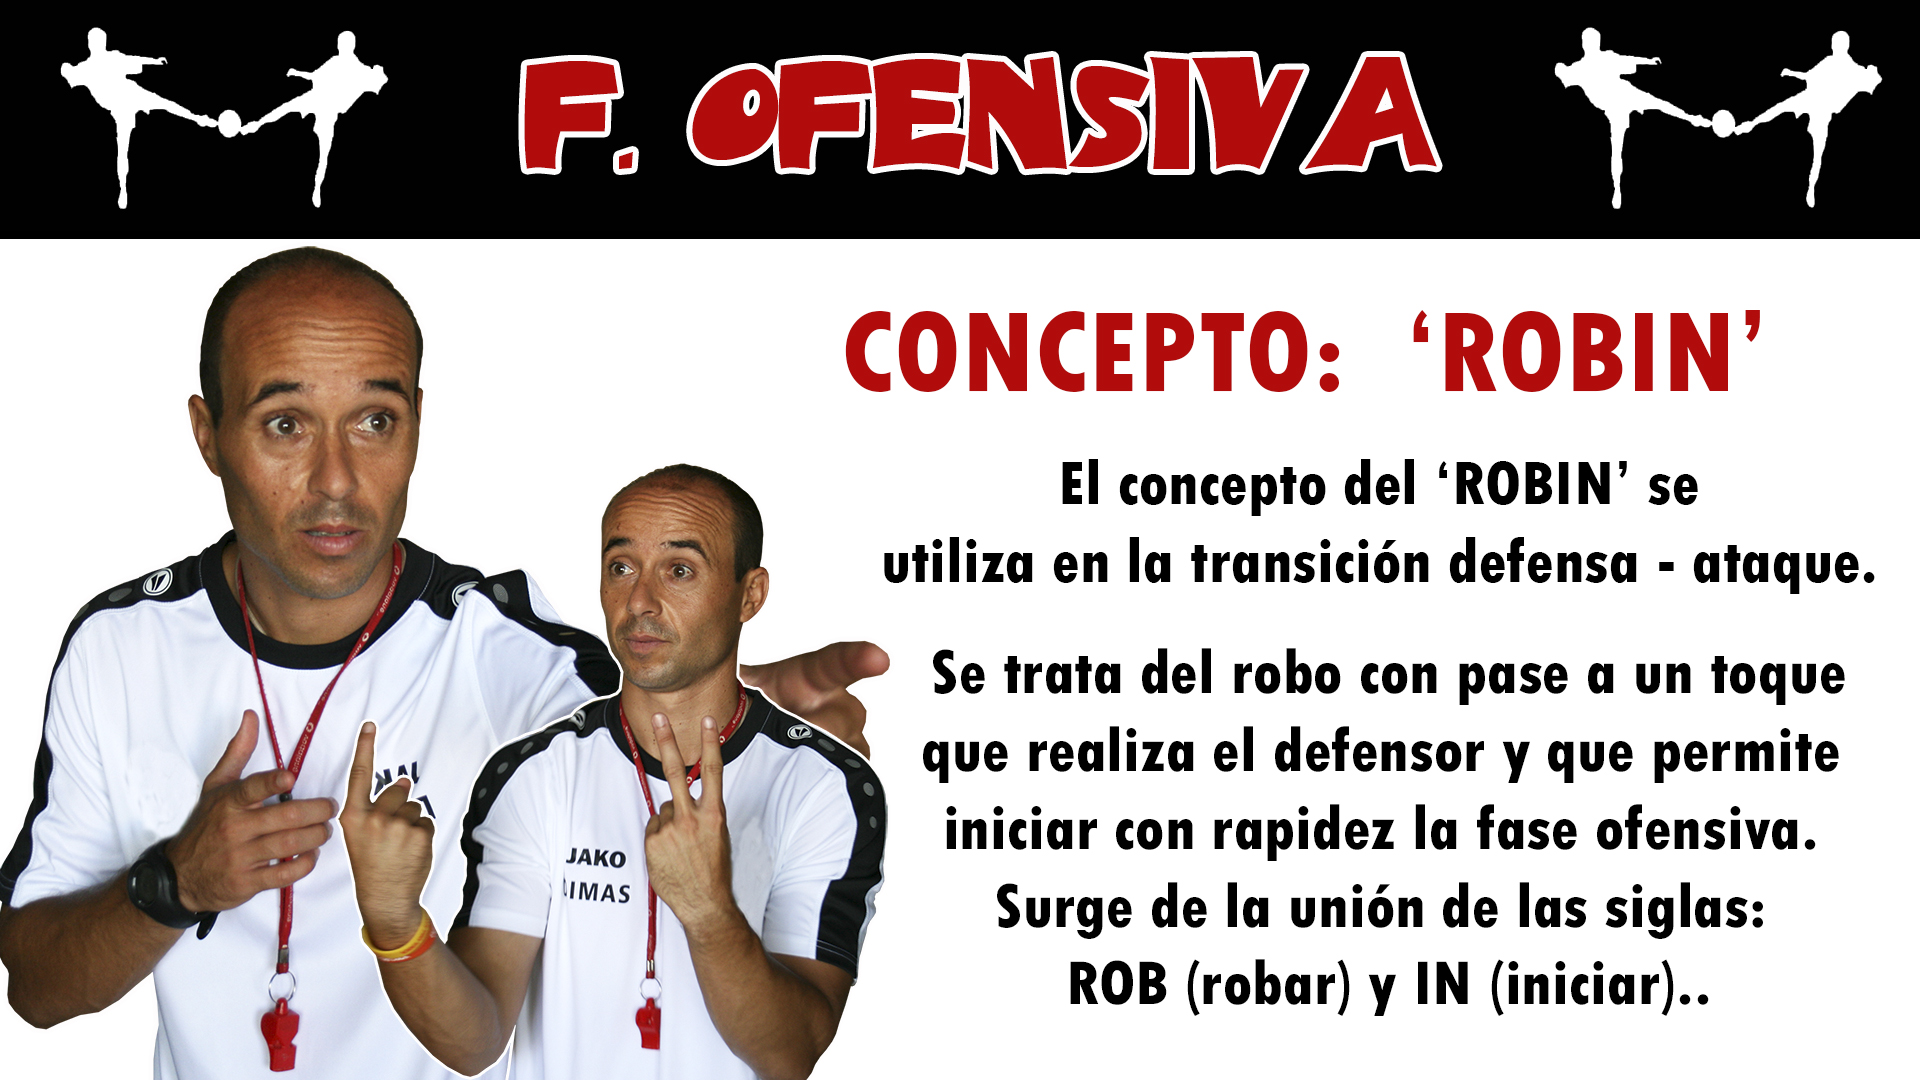 futbolcarrasco análisis táctico dimas david robin transición ataque defensa